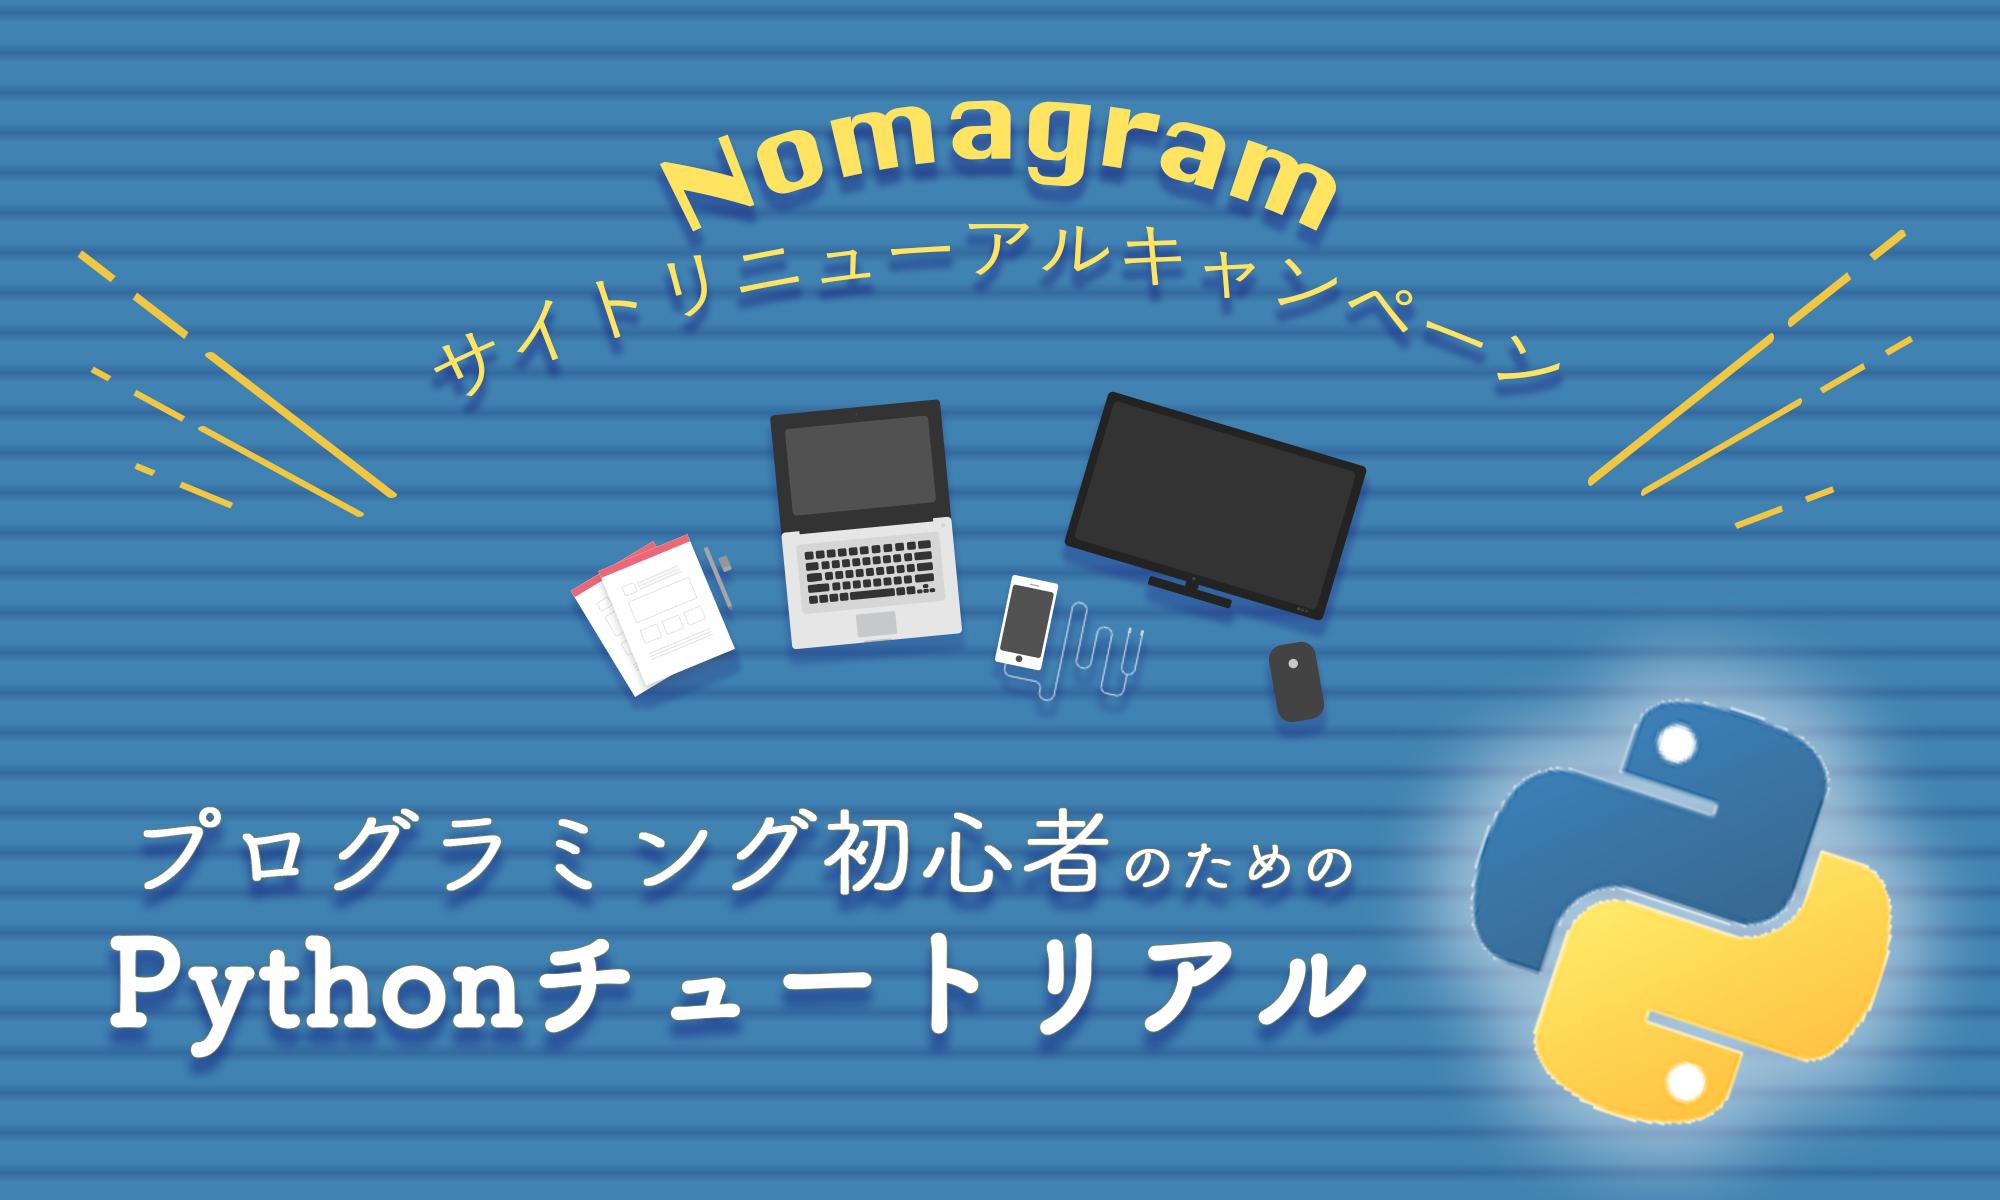 nomagram - 【Python】機械学習入門〜構造化データを分類・評価〜